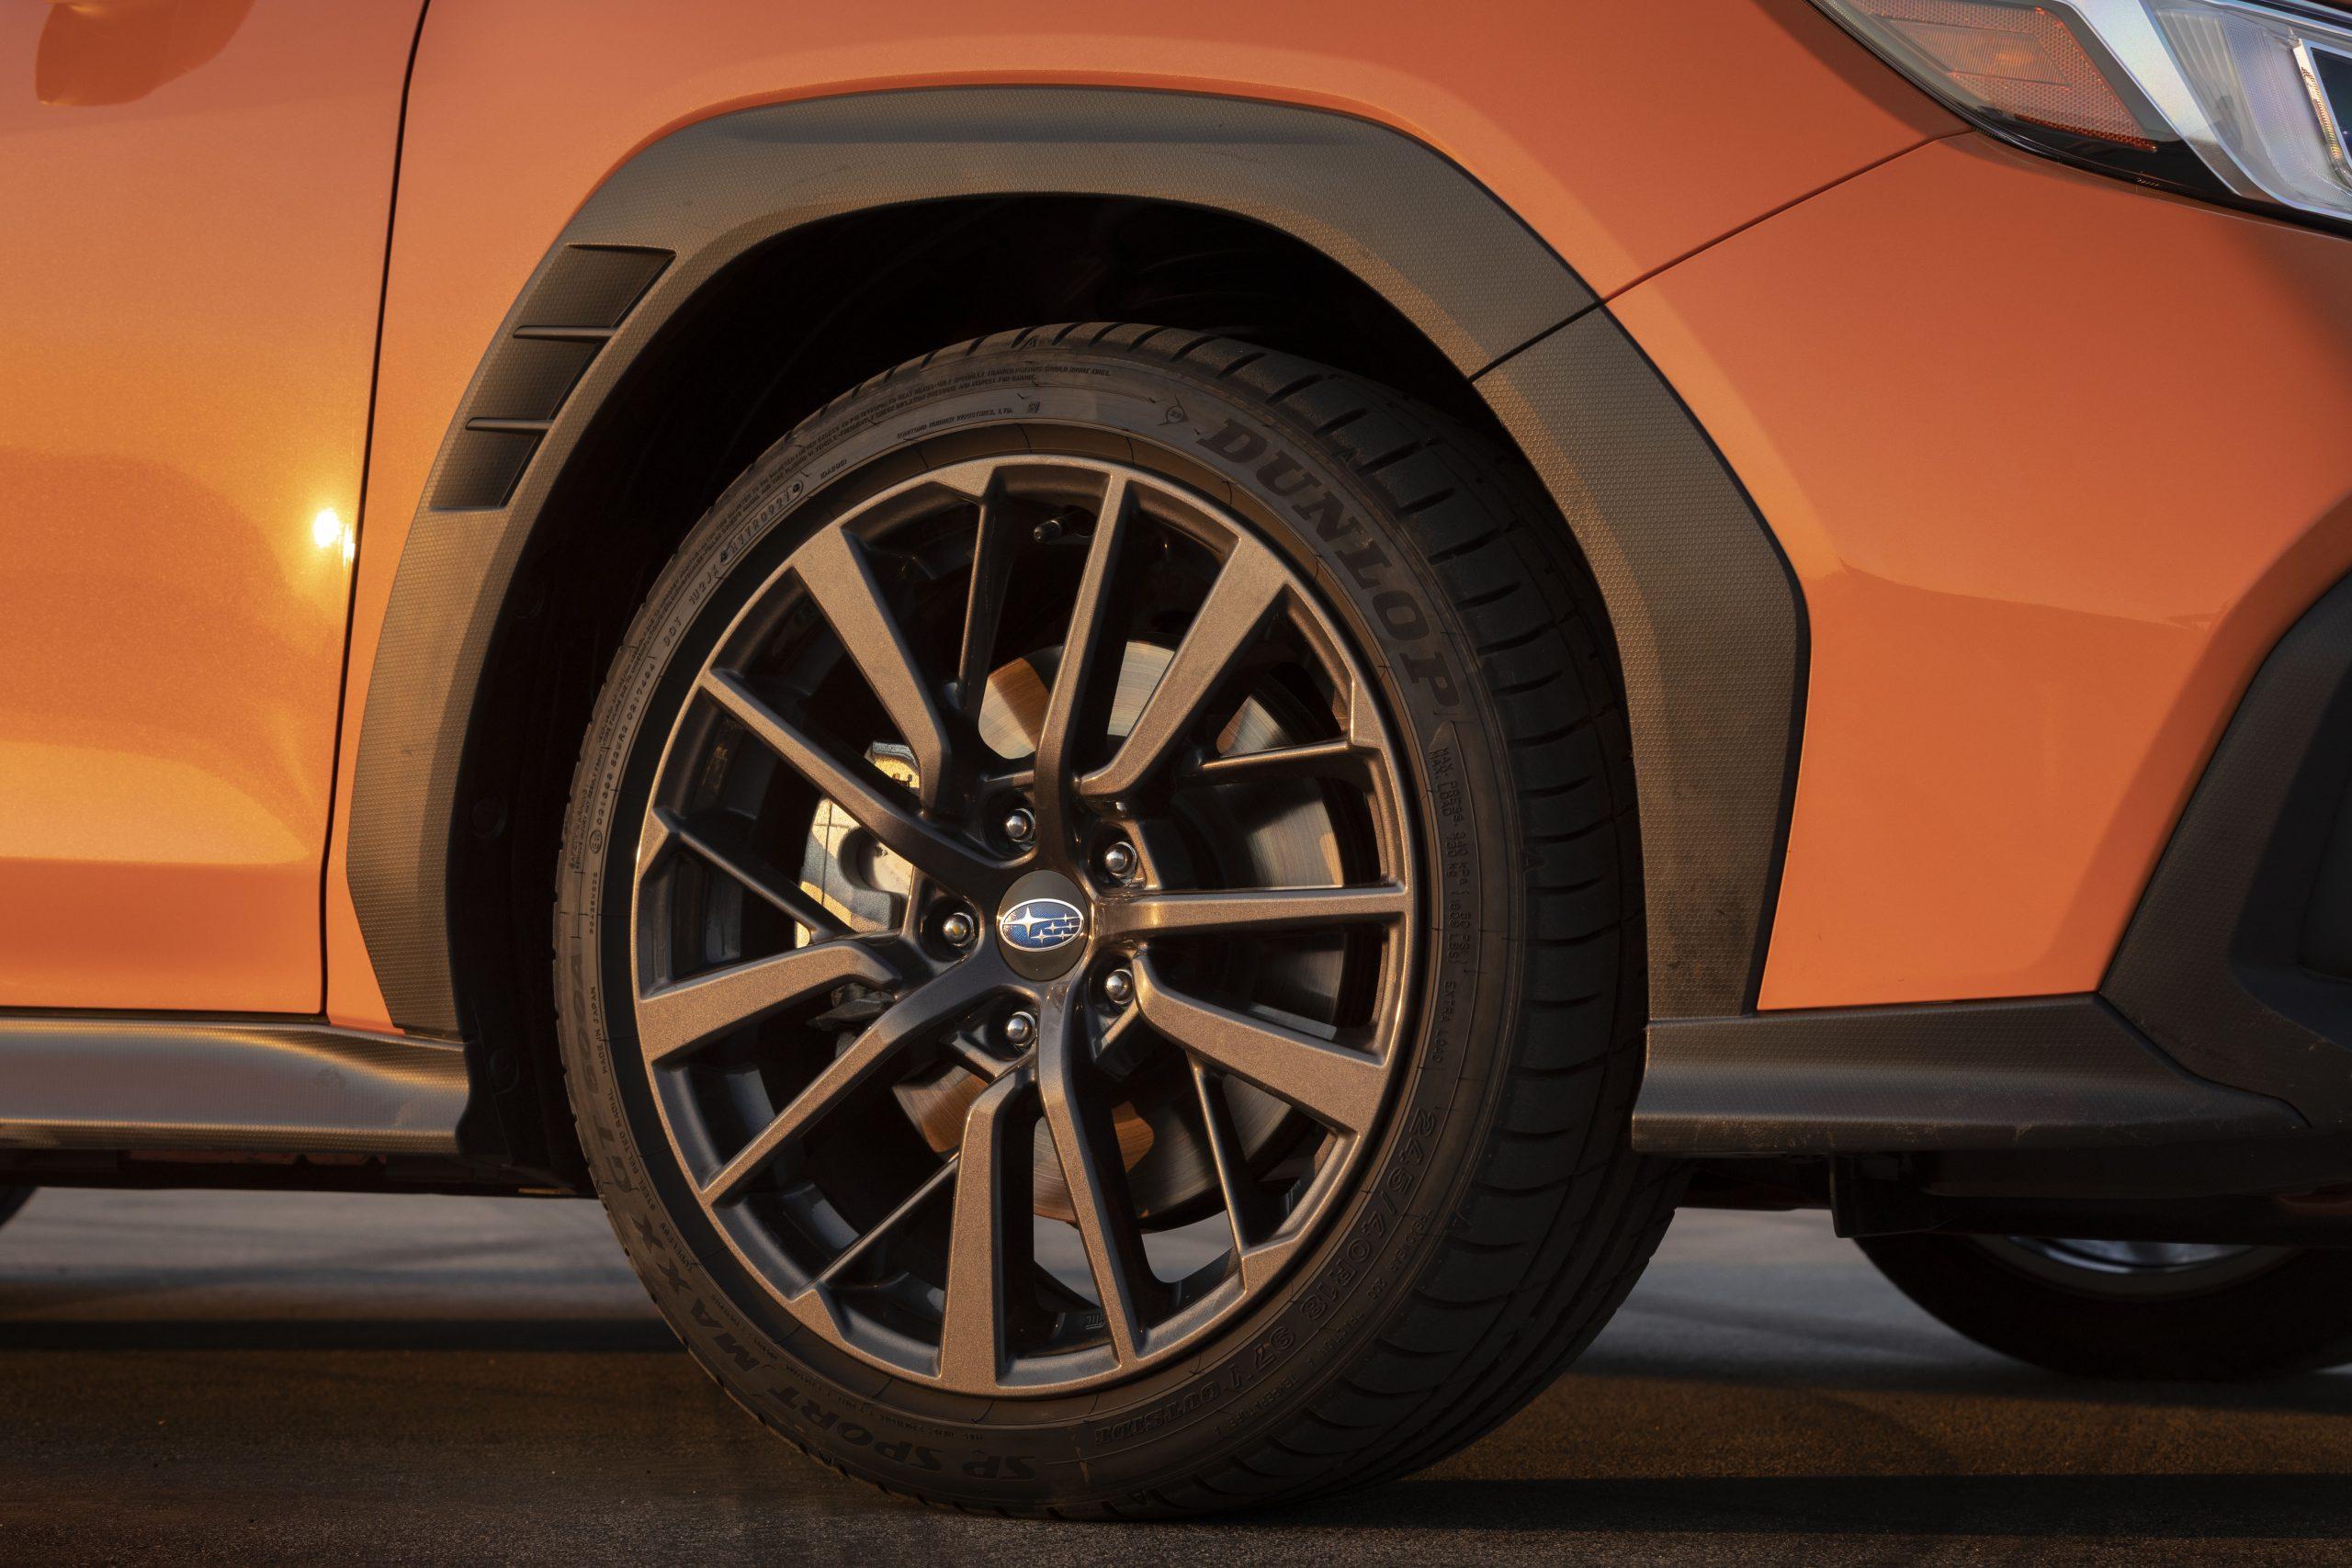 2022 Subaru WRX wheel